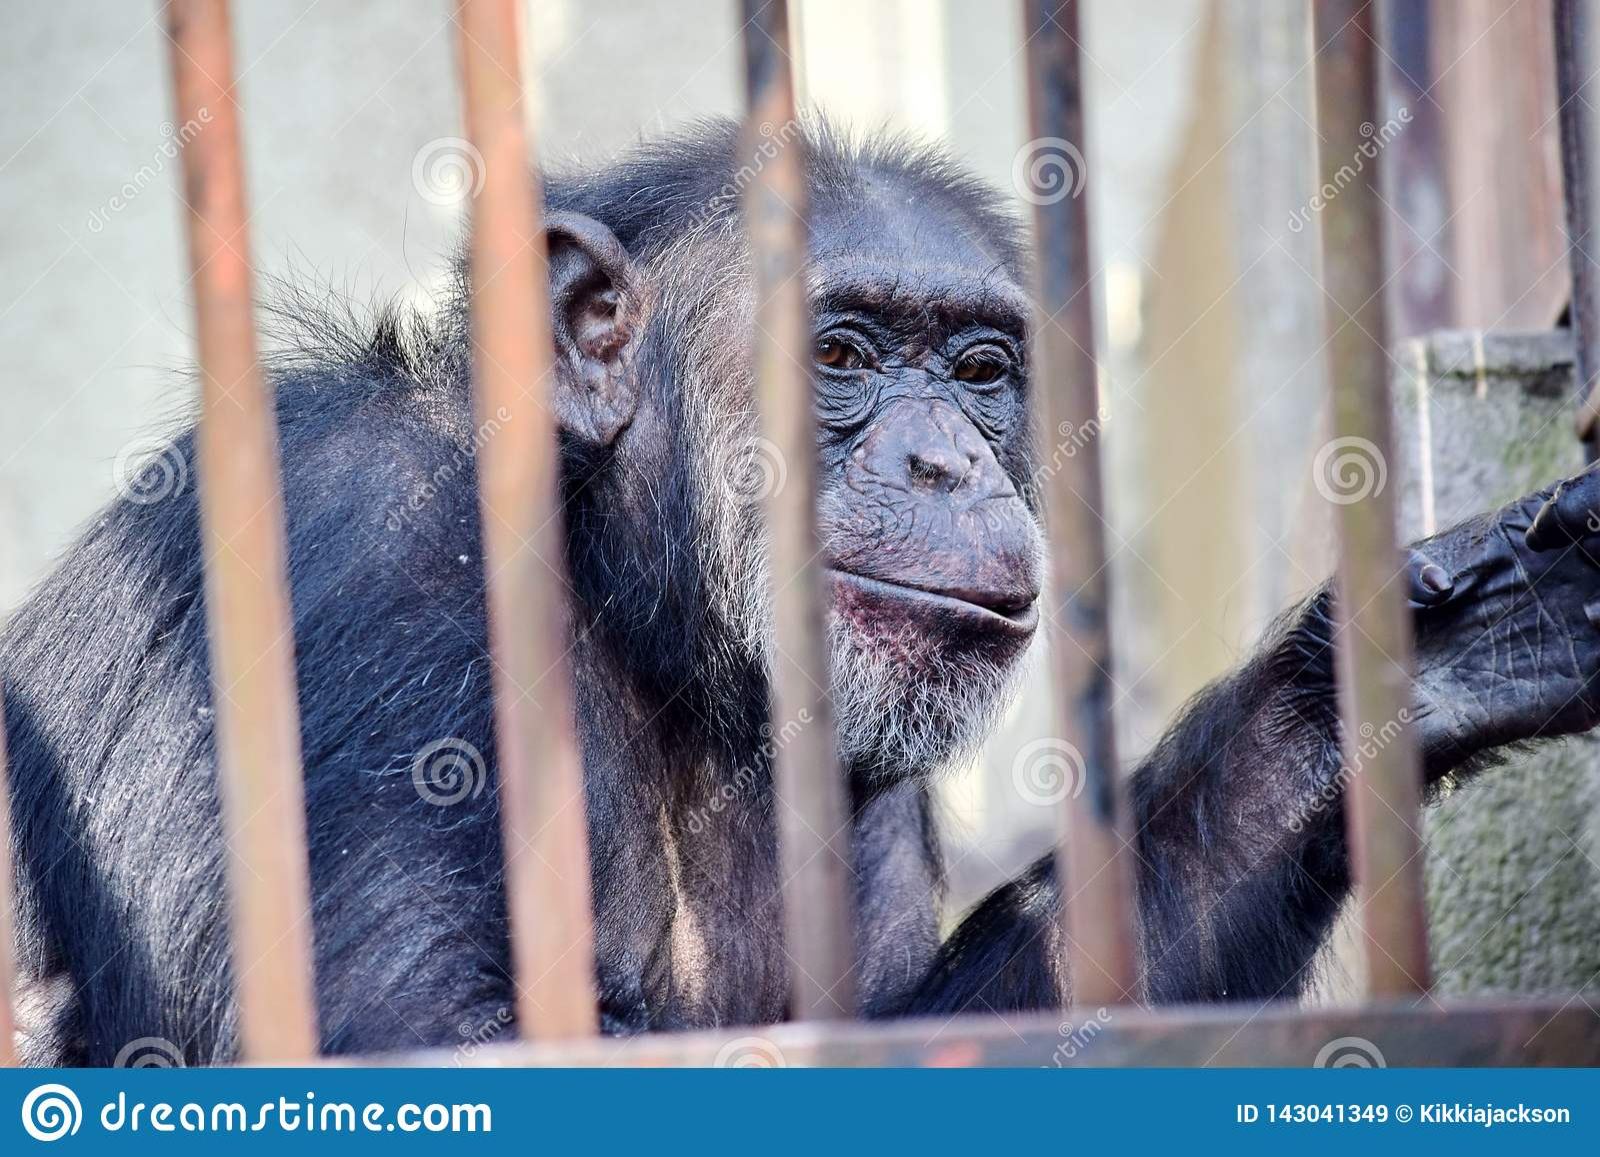 Szympans Za bar niecki troglodytów San małpą w zoo bez przestrzeni